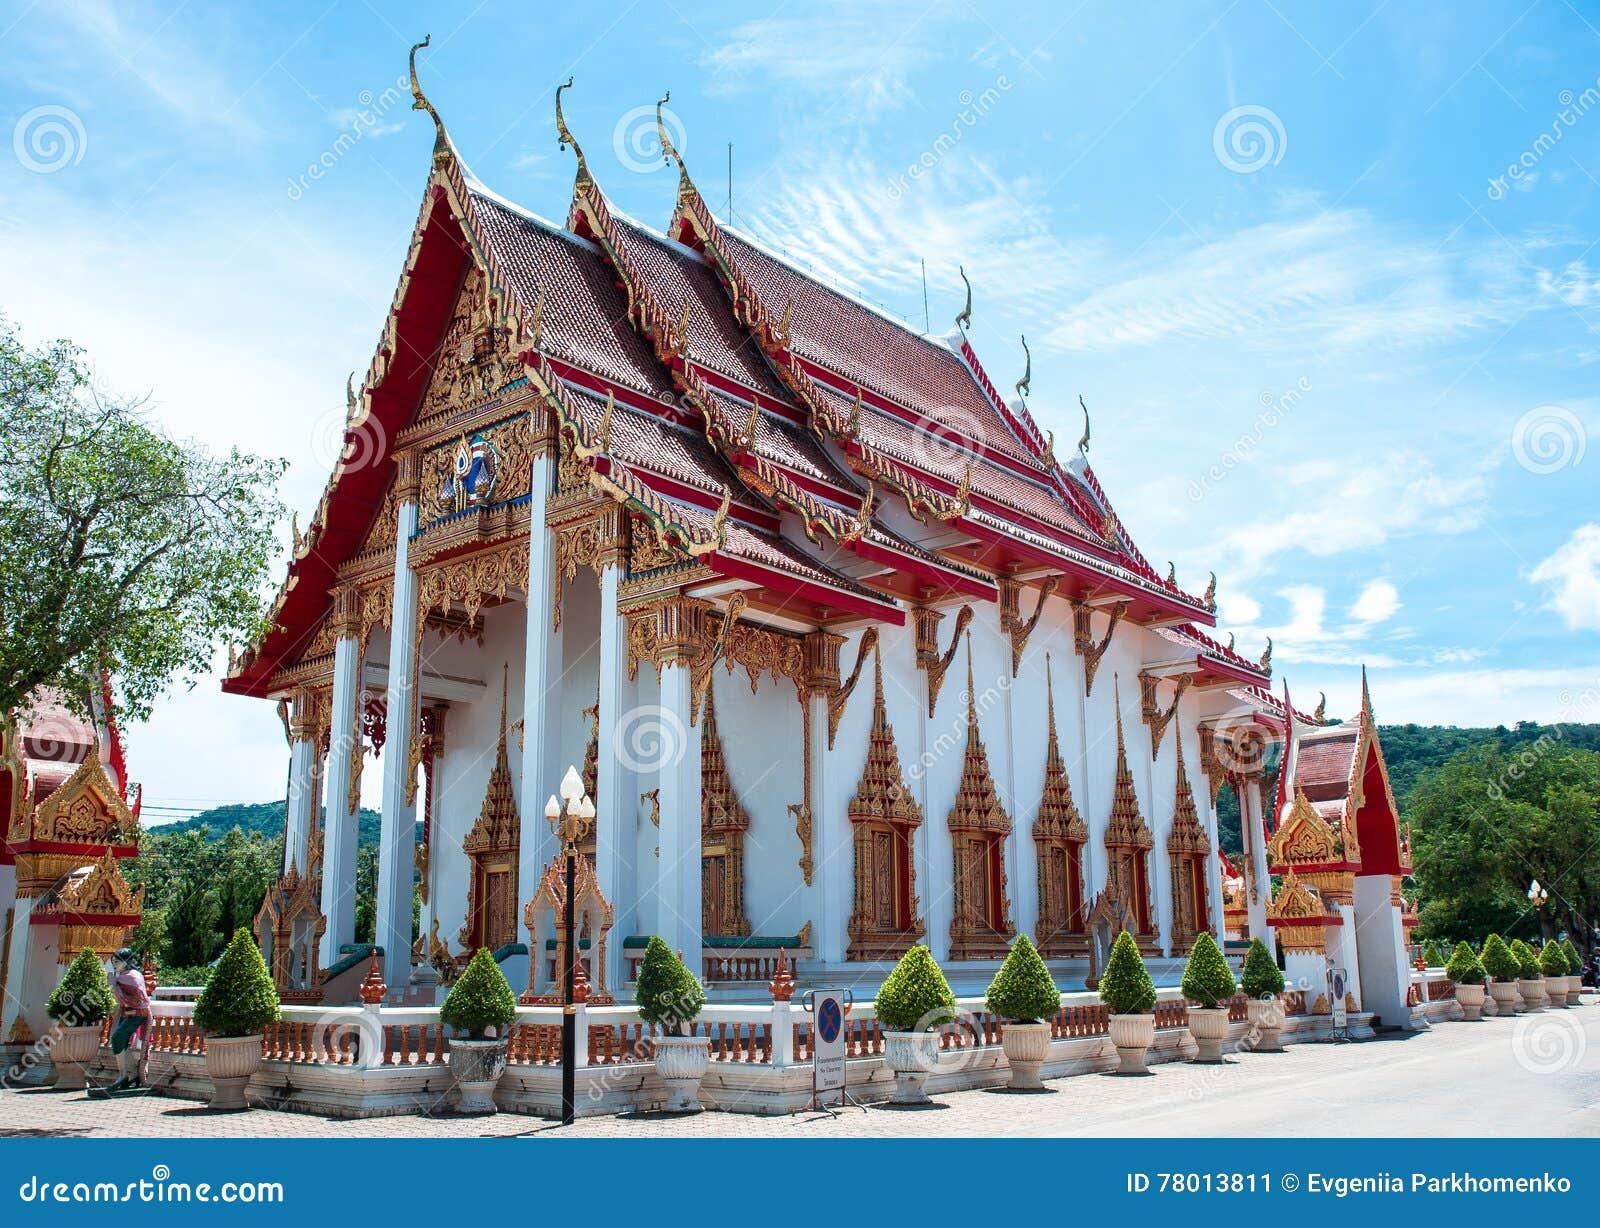 De tempel complex van Wat Chalong in Phuket, Thailand